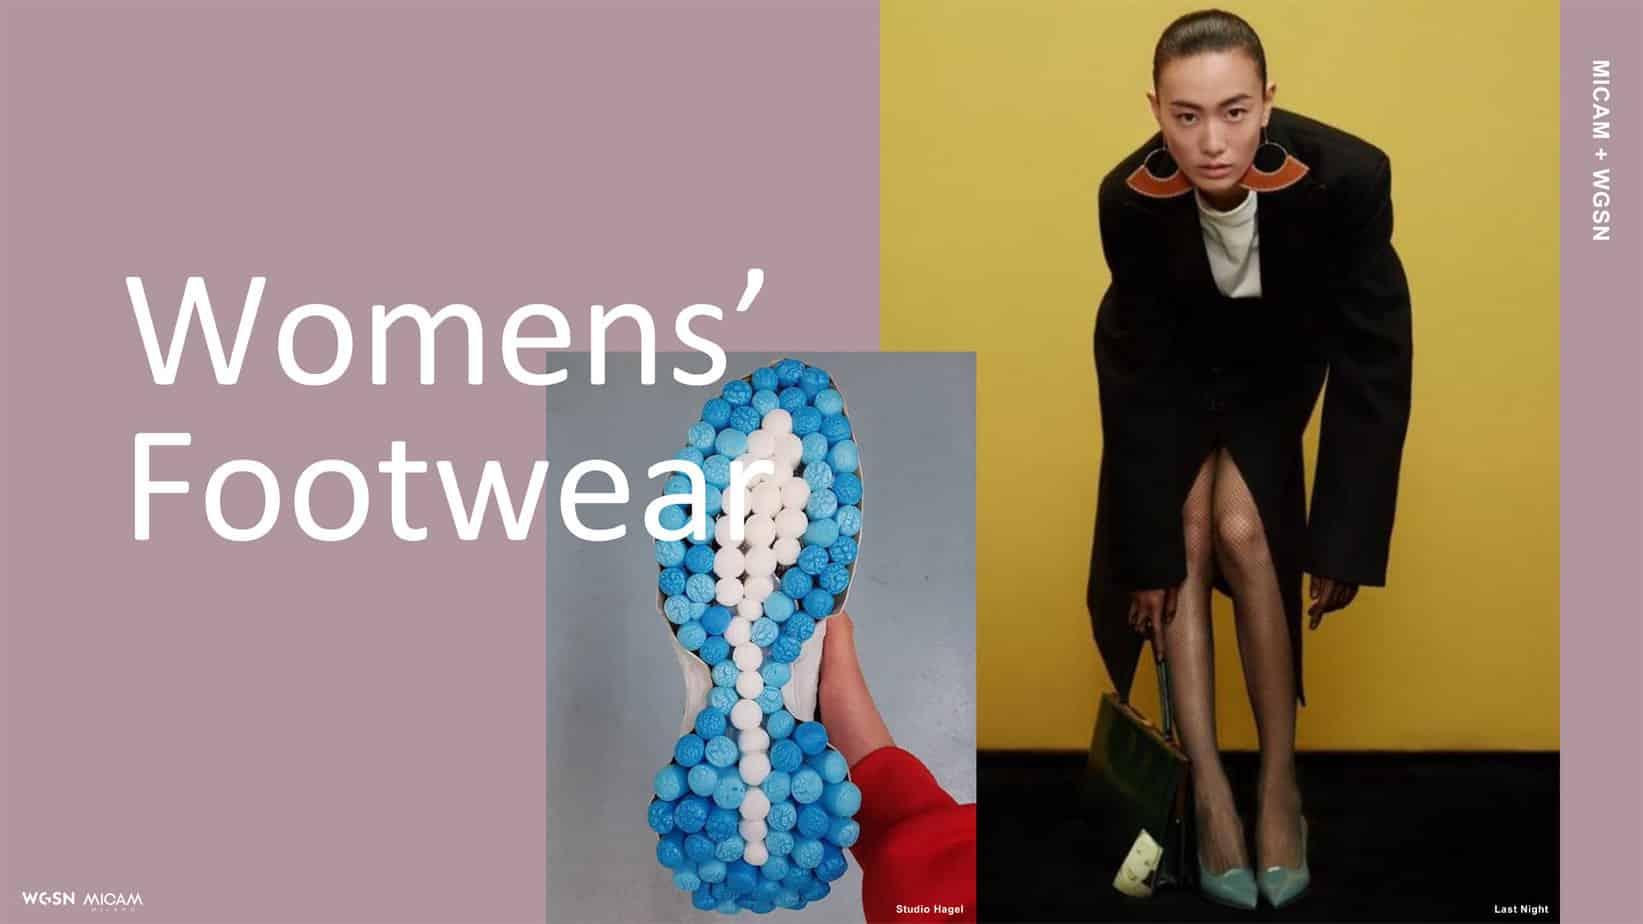 Womens' Footwear